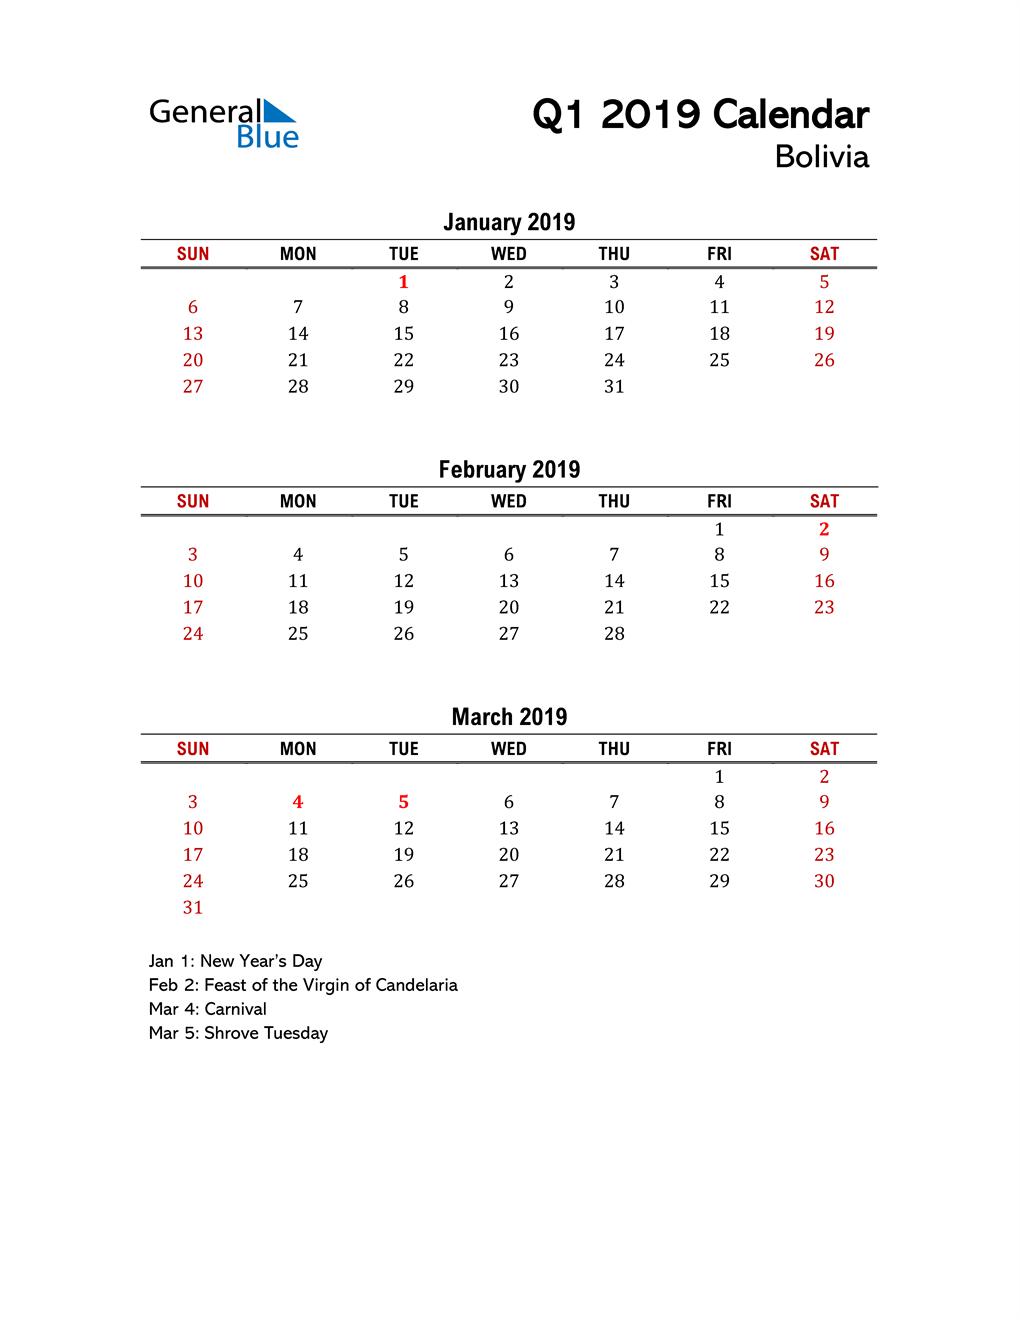 2019 Q1 Calendar with Holidays List